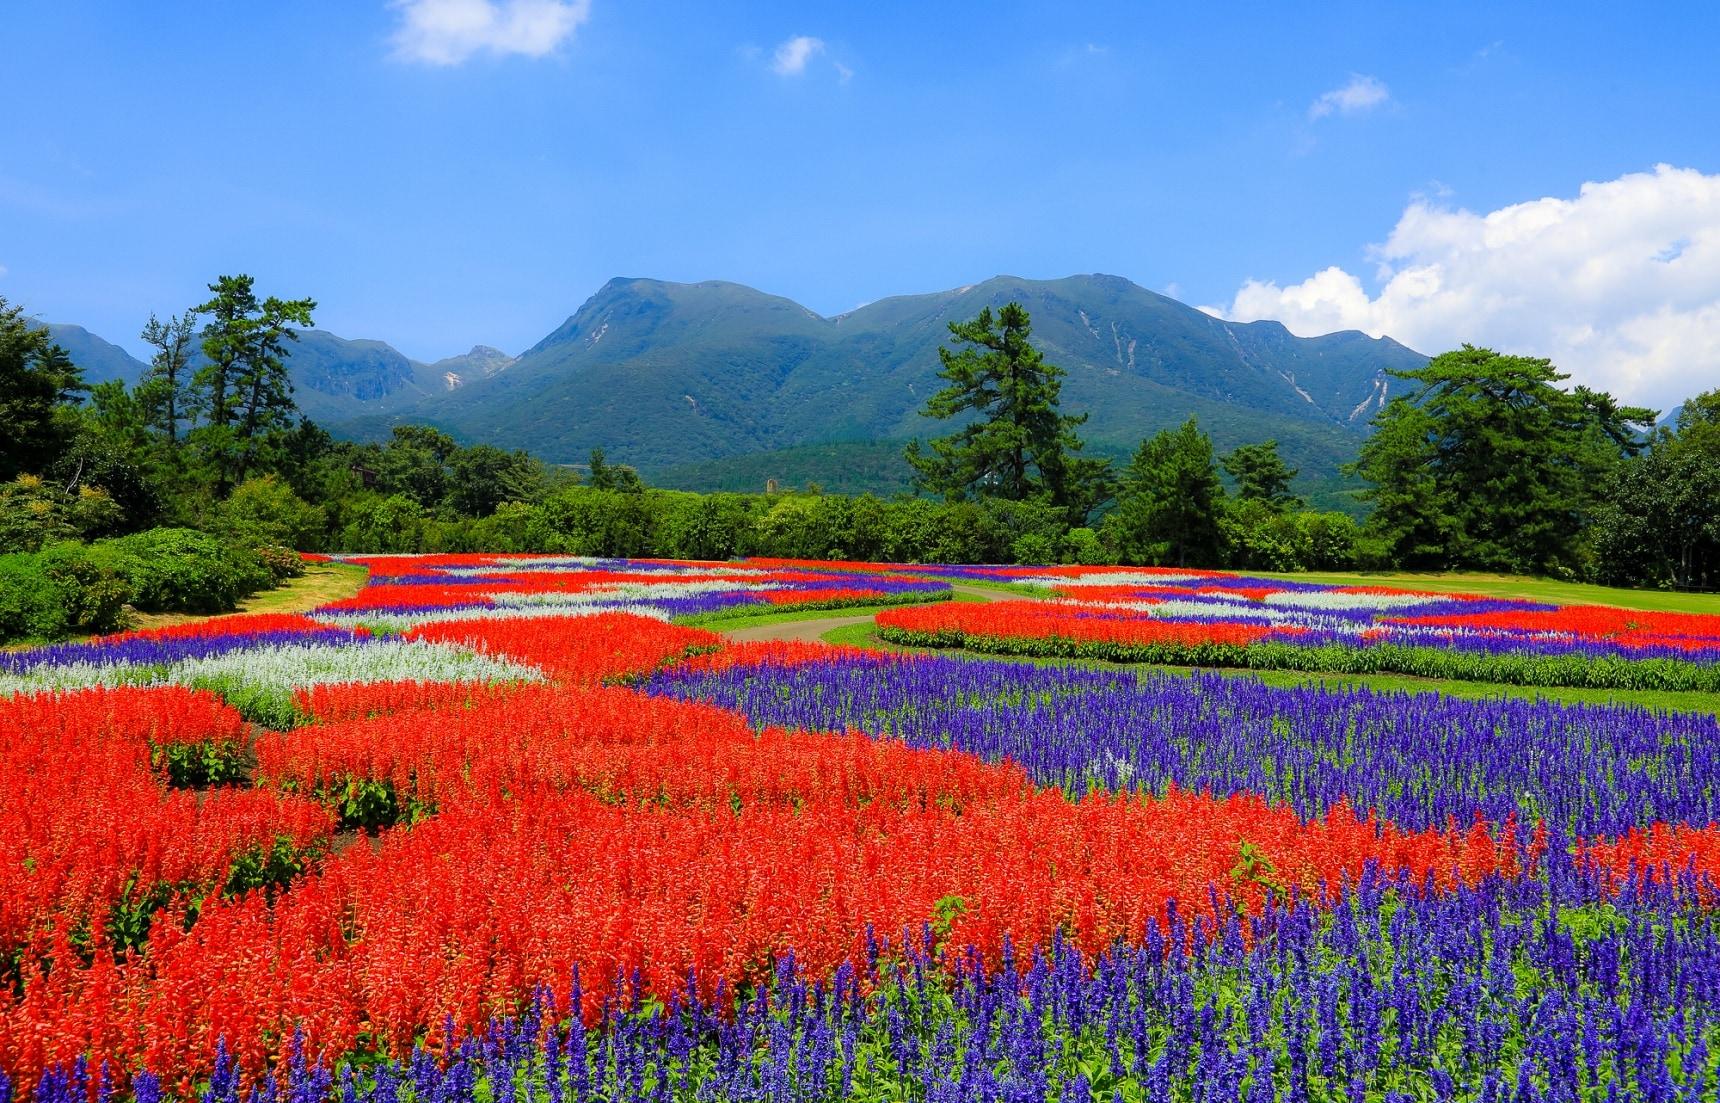 แนะนำ 5 สถานที่ชมดอกไม้ในคิวชู (Kyushu)